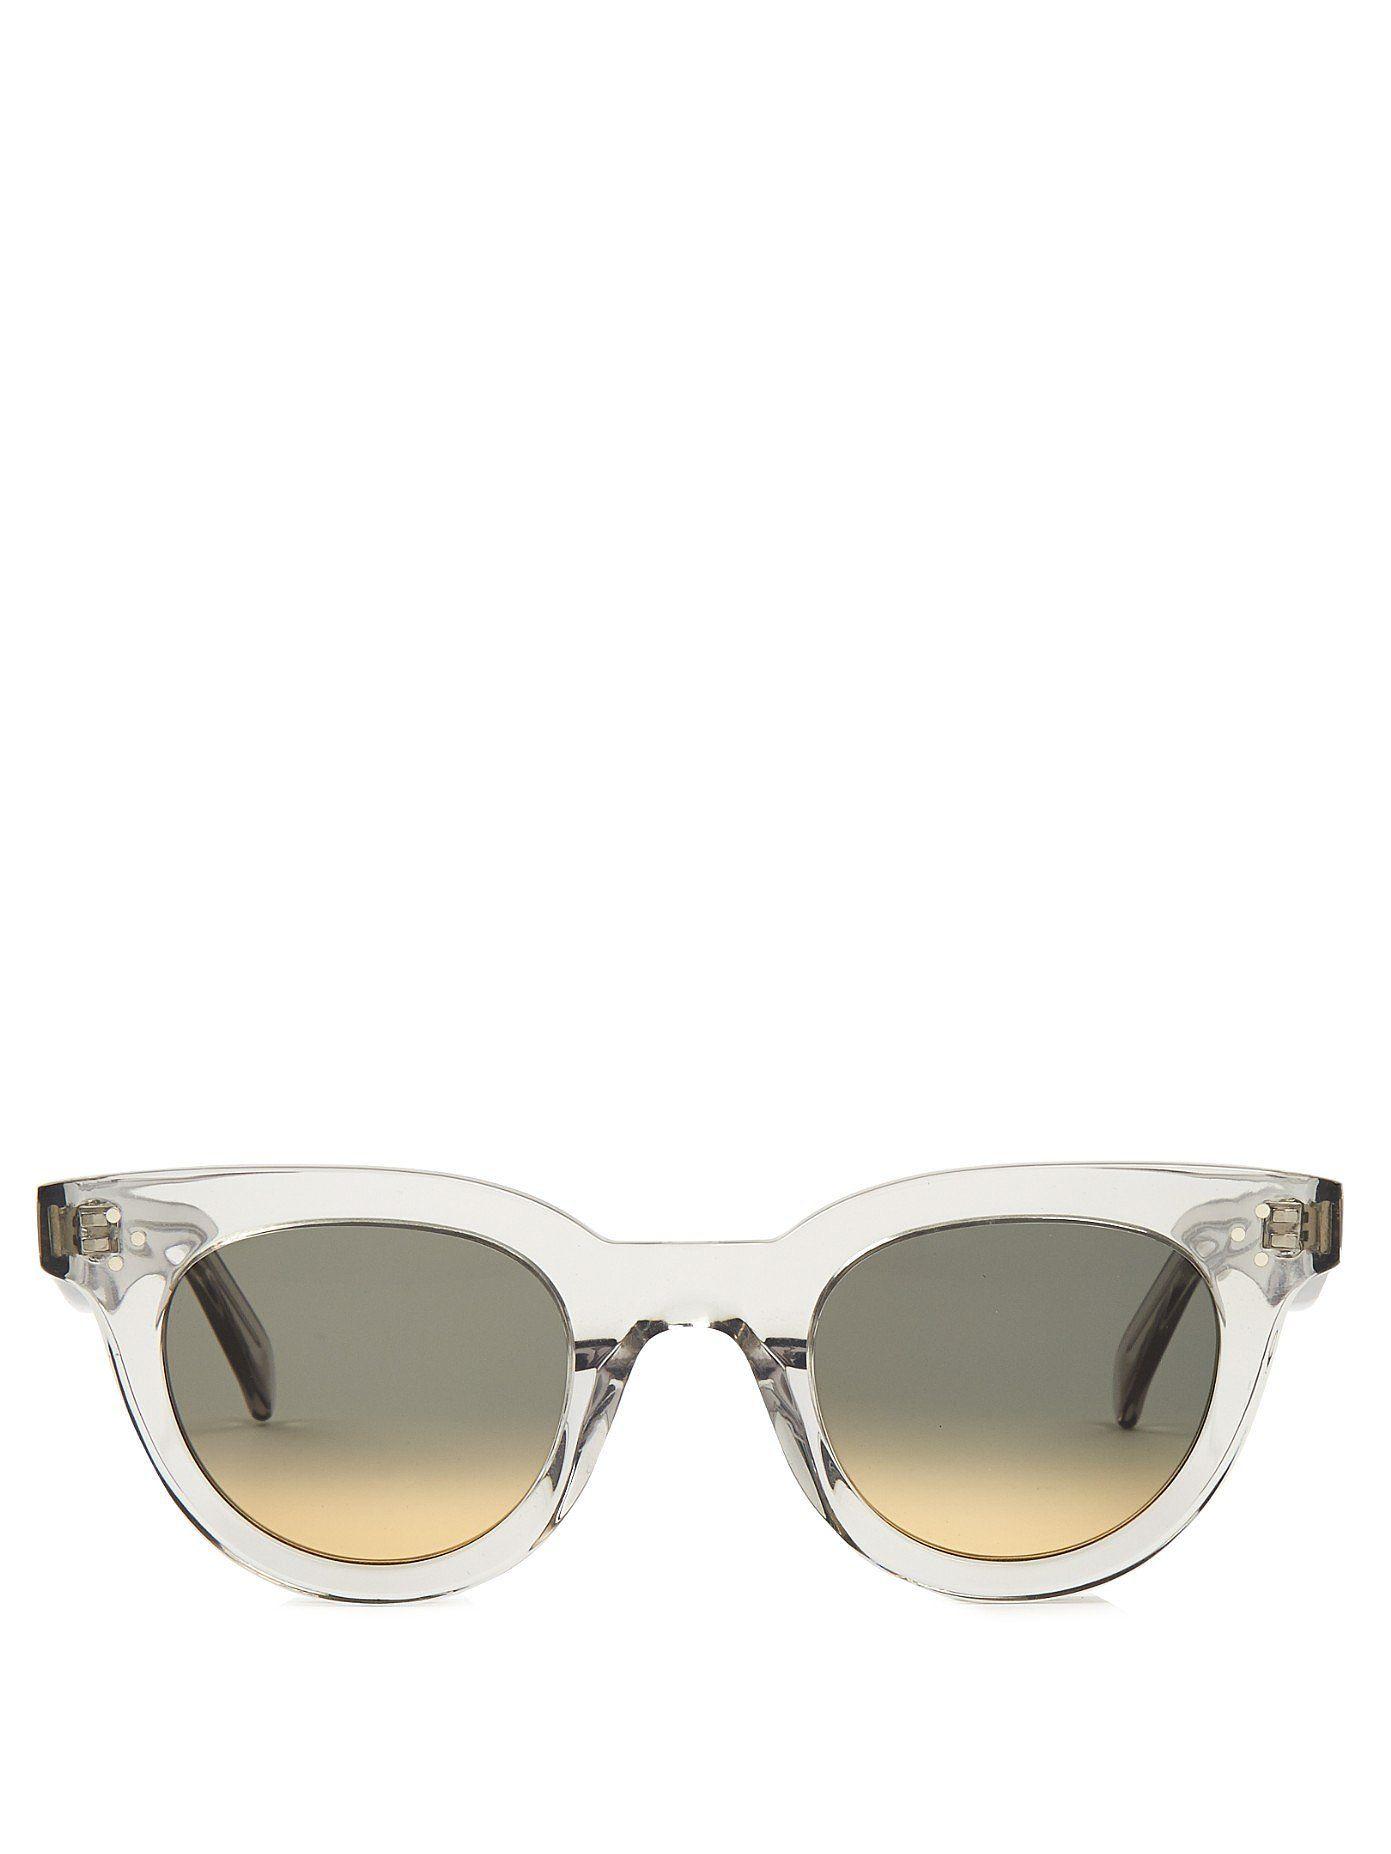 65e17e3b6cb Clear Frames. Clear Frames Clear Sunglasses